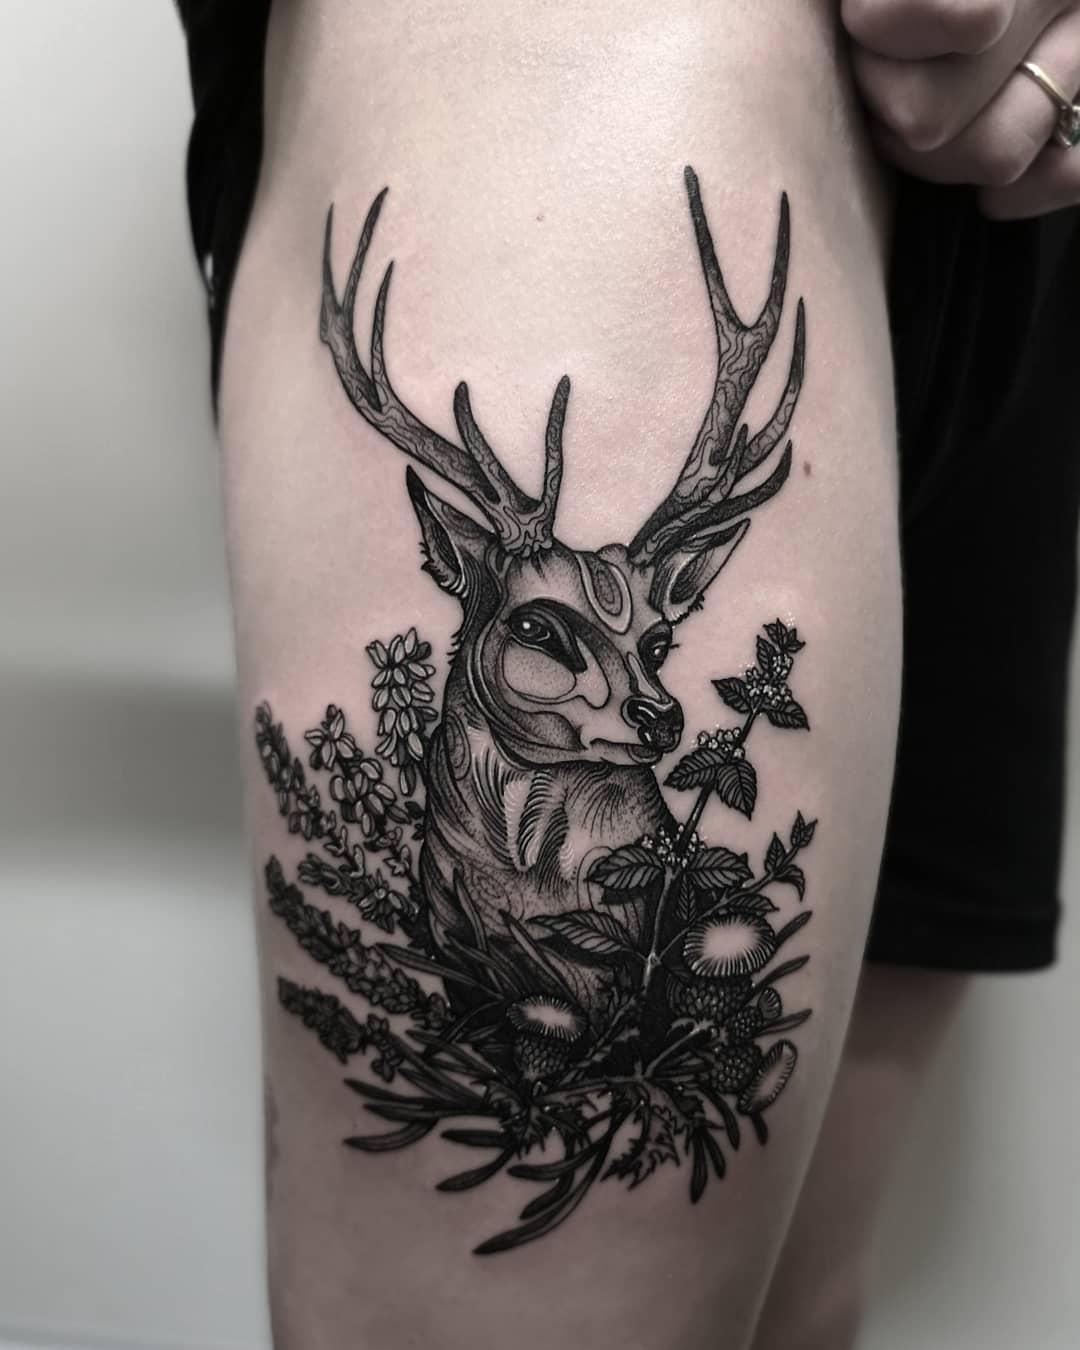 大腿黑灰甩线风麋鹿纹身图案